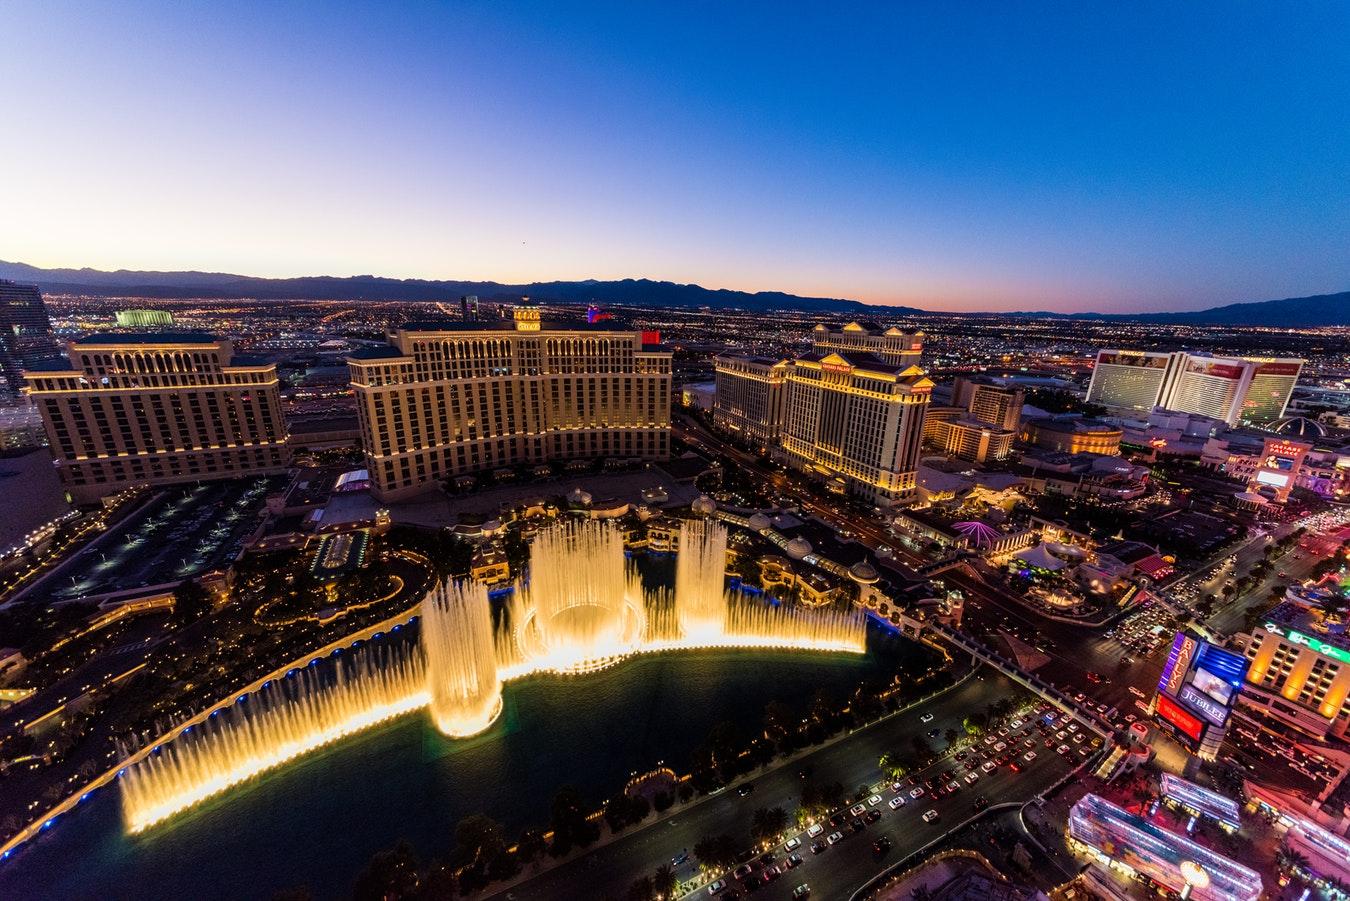 Vegas Fountain